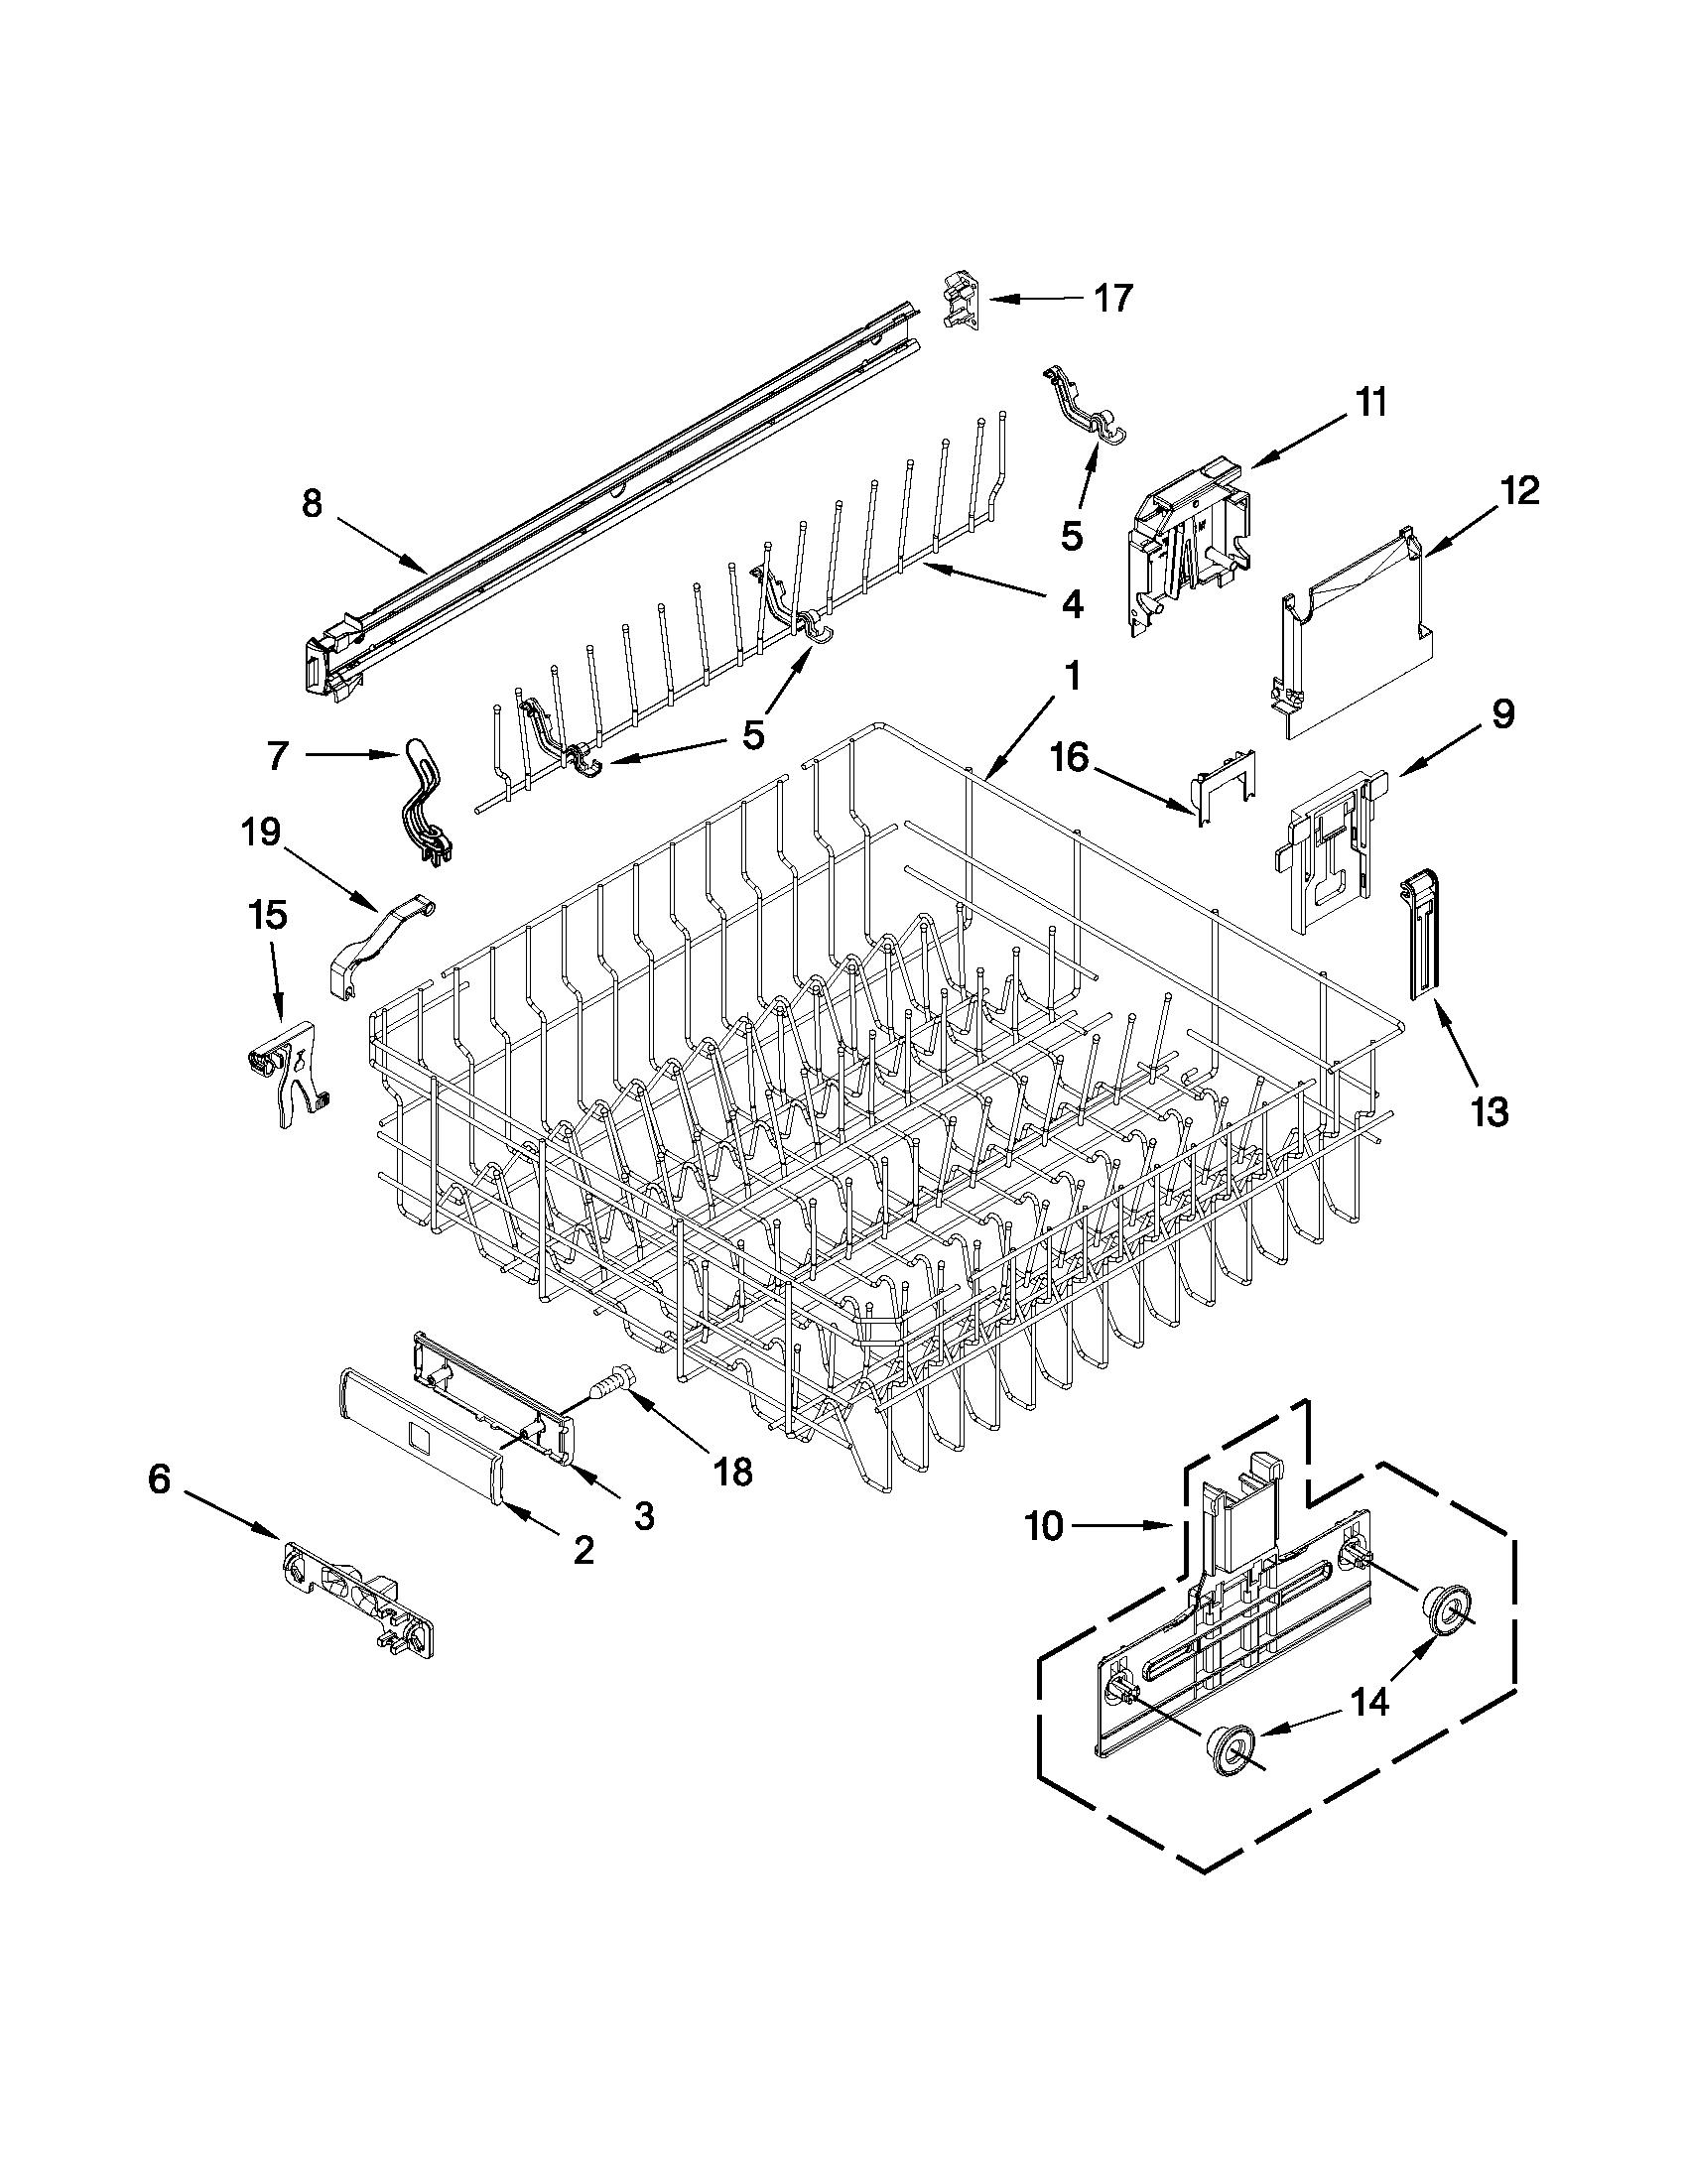 kenmore elite dishwasher model 66512769k310 upper rack and track parts diagram [ 1700 x 2201 Pixel ]